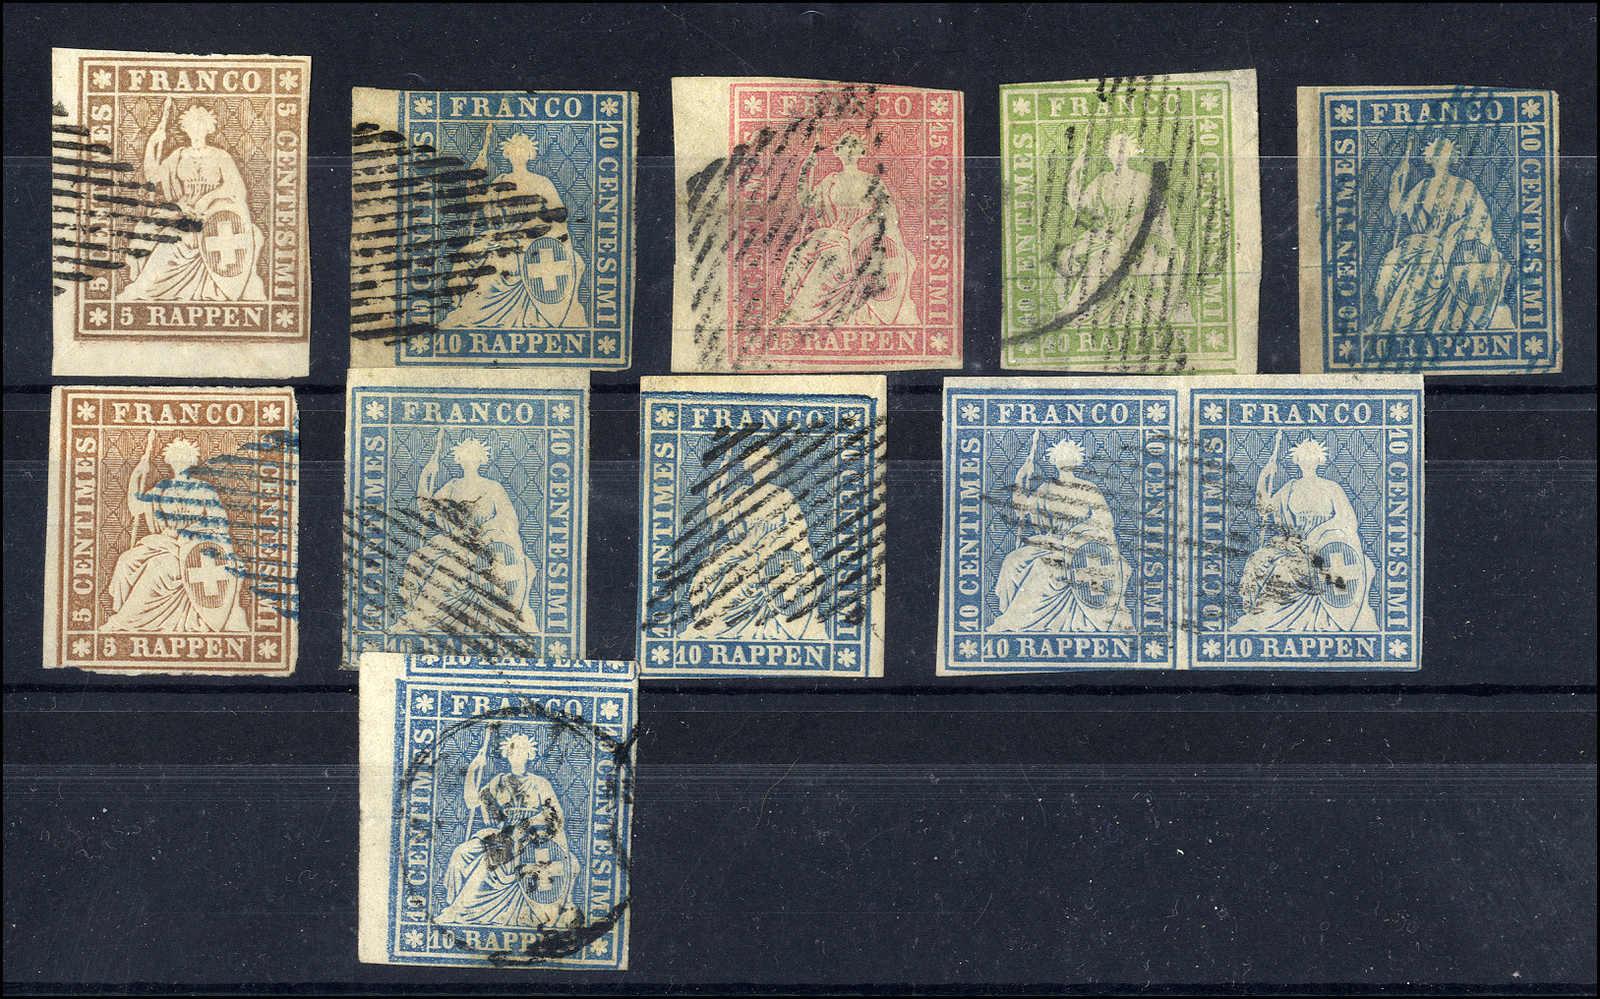 Lot 57 - sammlungen und posten sammlungen und posten altschweiz -  Rolli Auctions Auction #68 Day 1